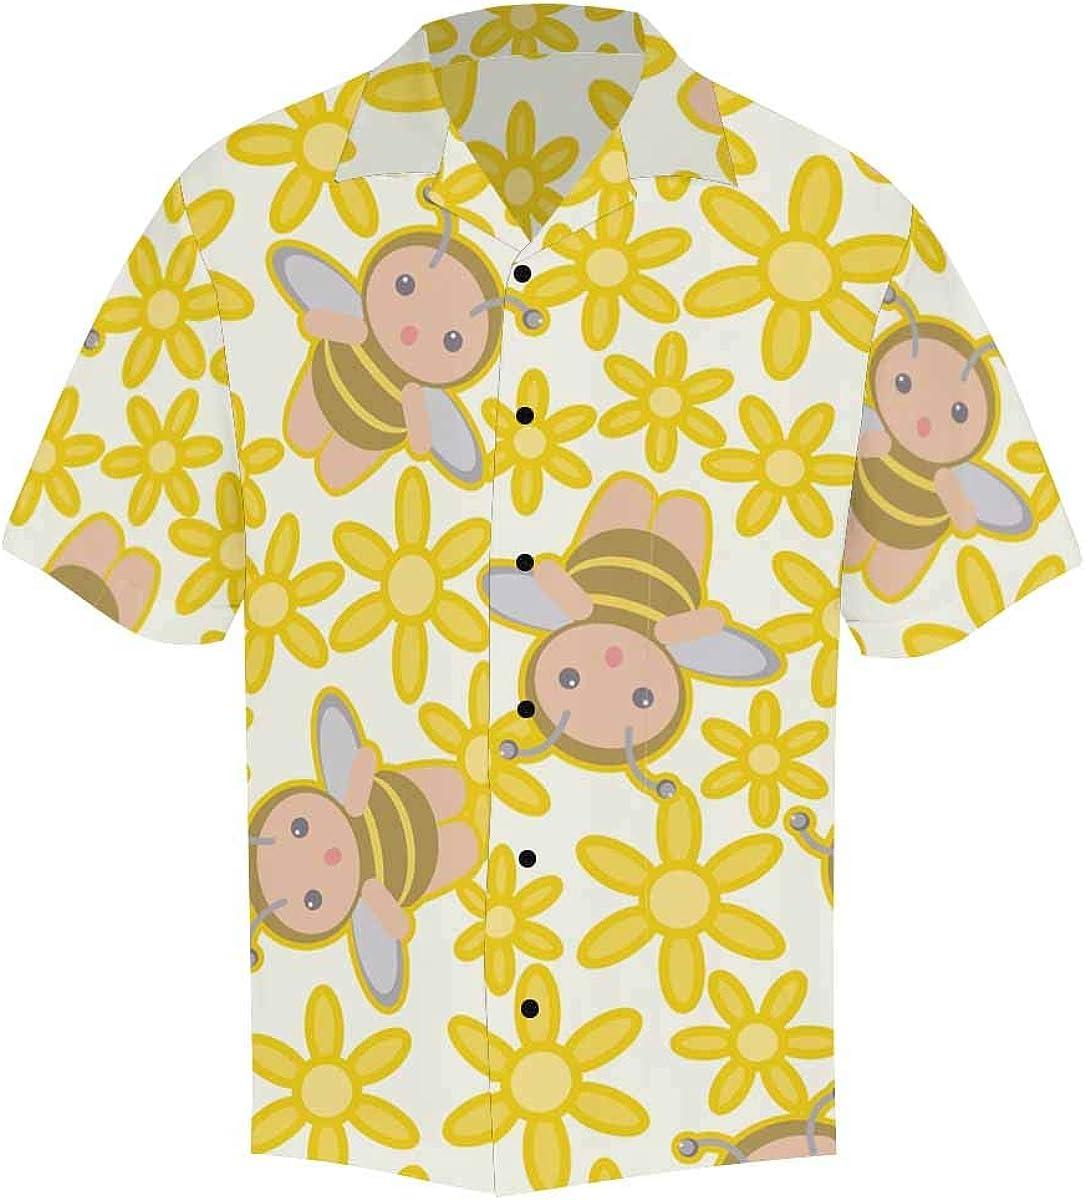 InterestPrint Men's Casual Button Down Short Sleeve Cute Florals Stripe Hawaiian Shirt (S-5XL)